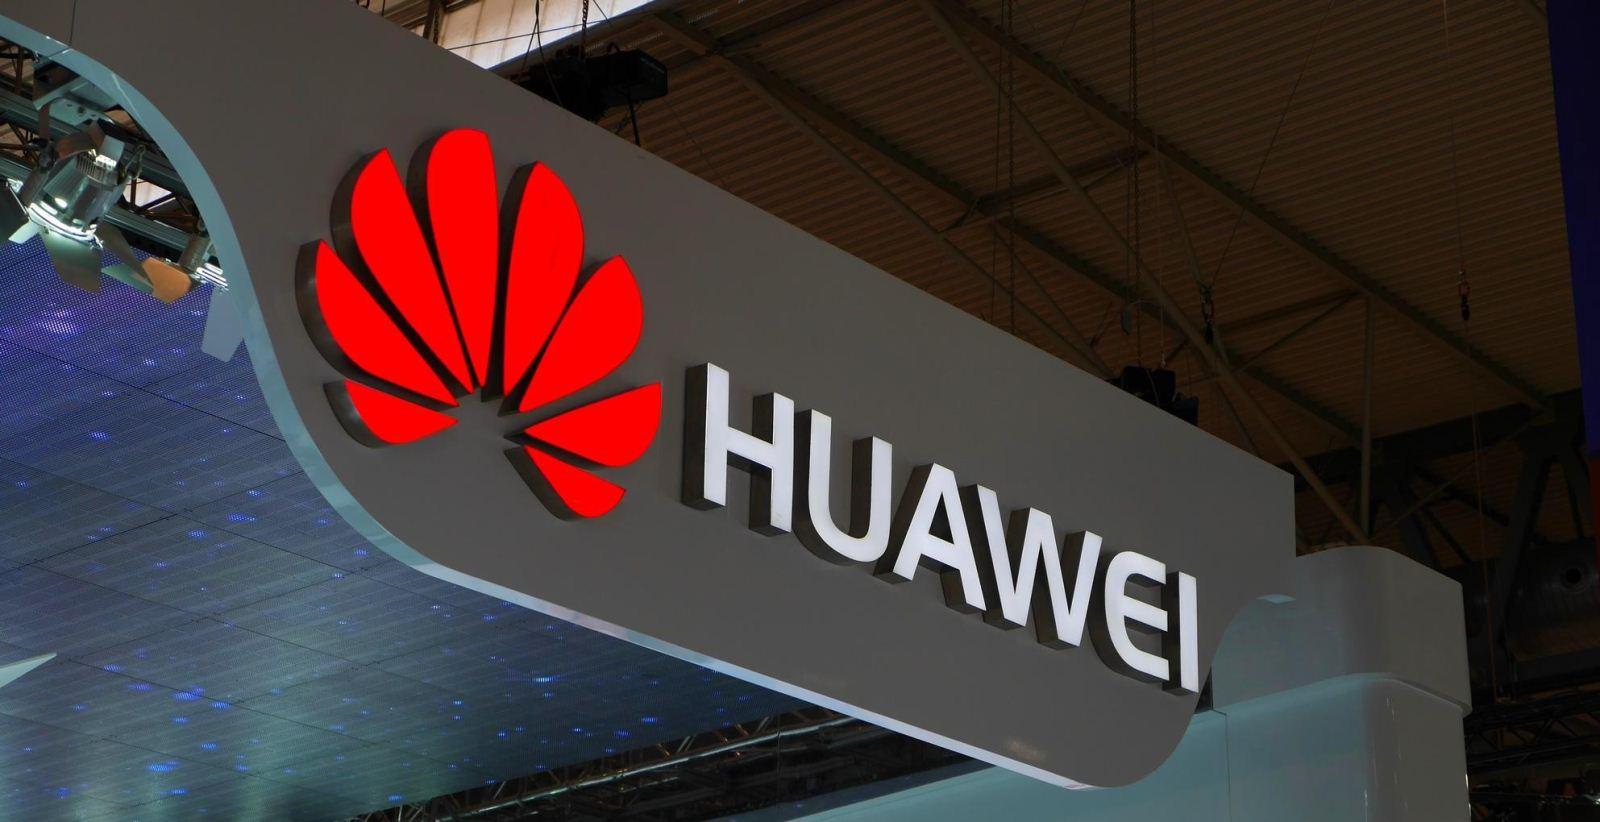 华为已获全球22份5G网络合同 致力于5G技术商业化